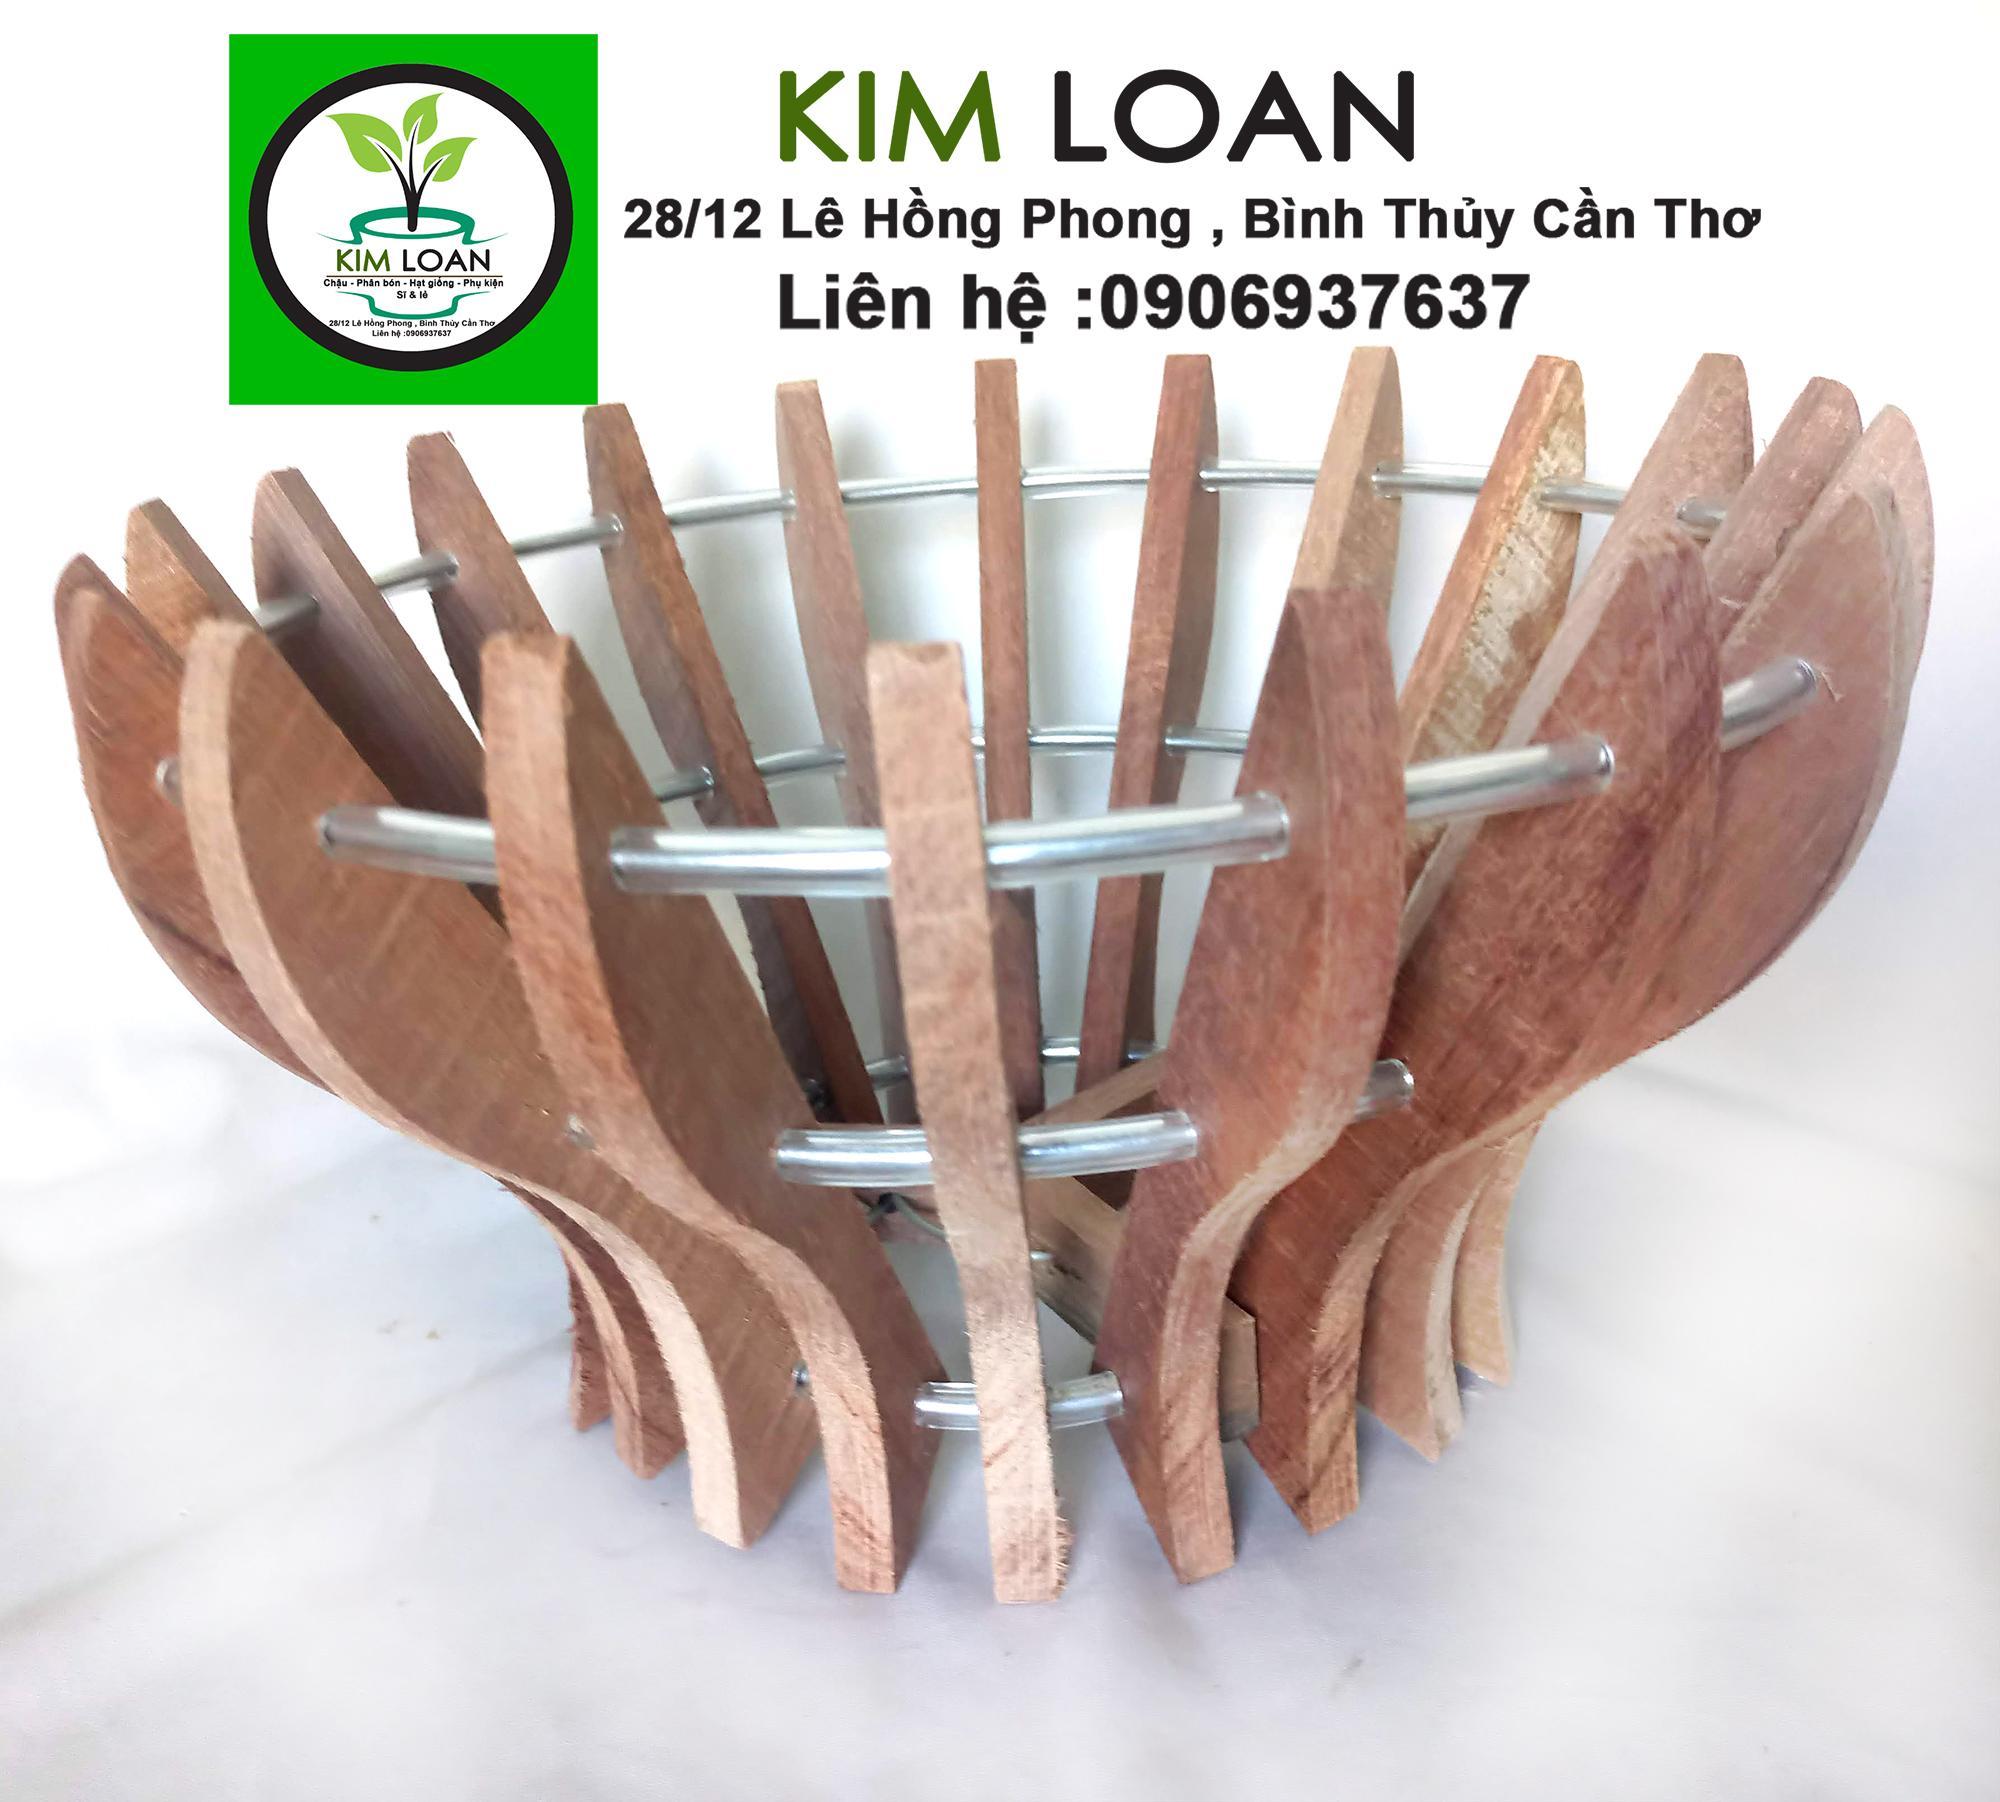 Combo 5 chậu lan gỗ hình cốc 21x15cm